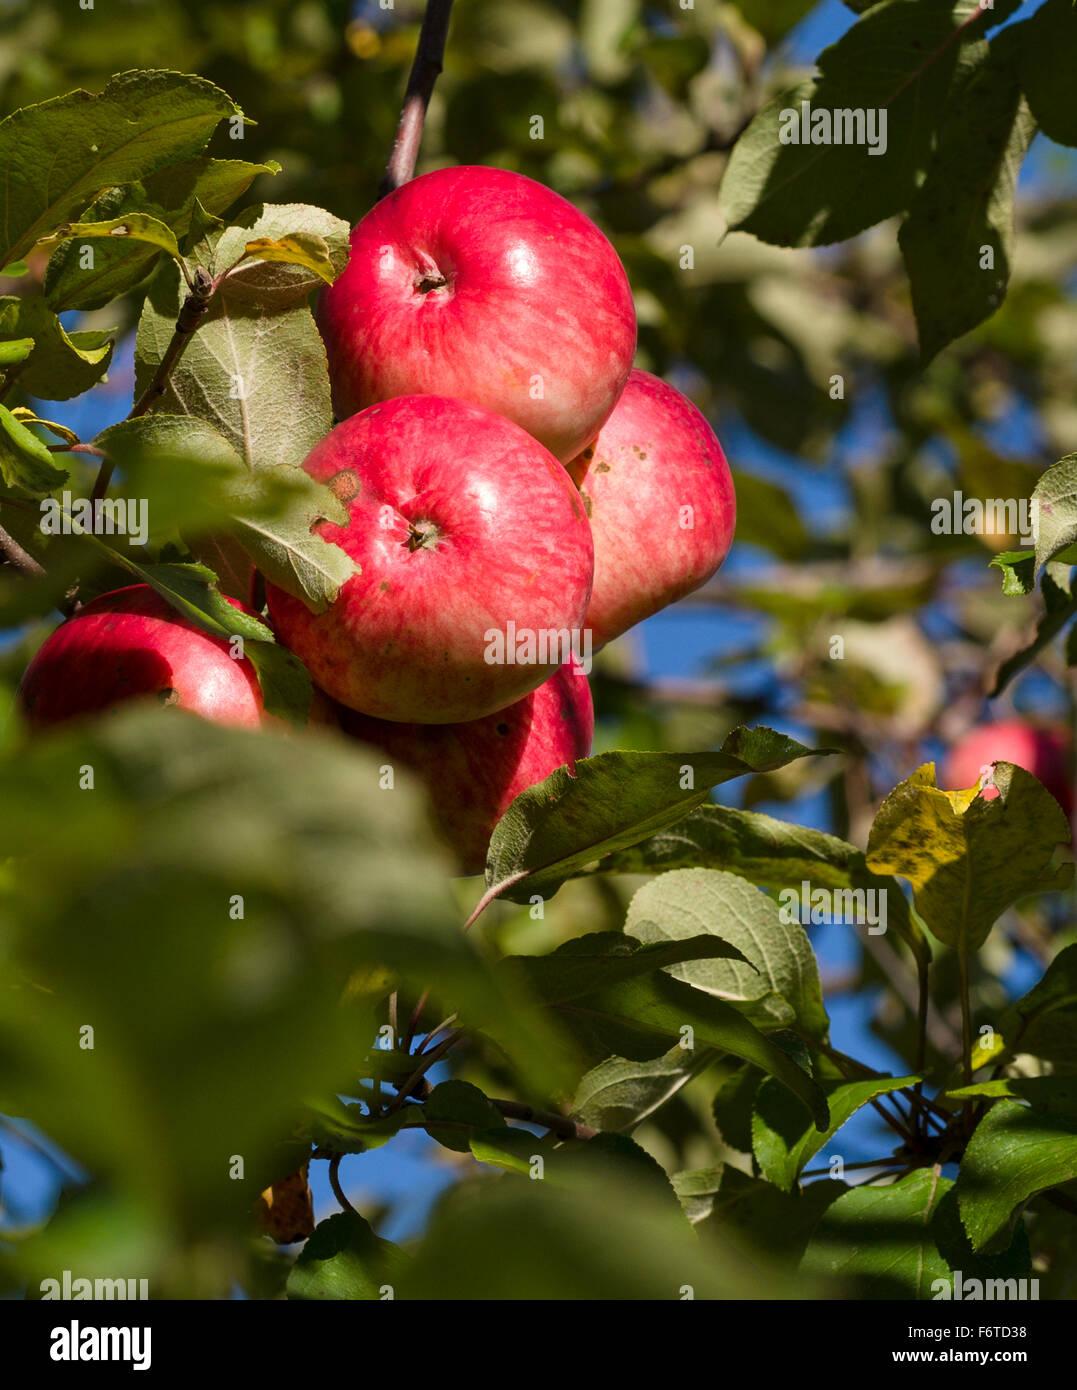 Reife rote Äpfel, mit ein wenig Schorf. Eine Gruppe von roten Äpfeln auf einer verlassenen Obstgarten Stockbild